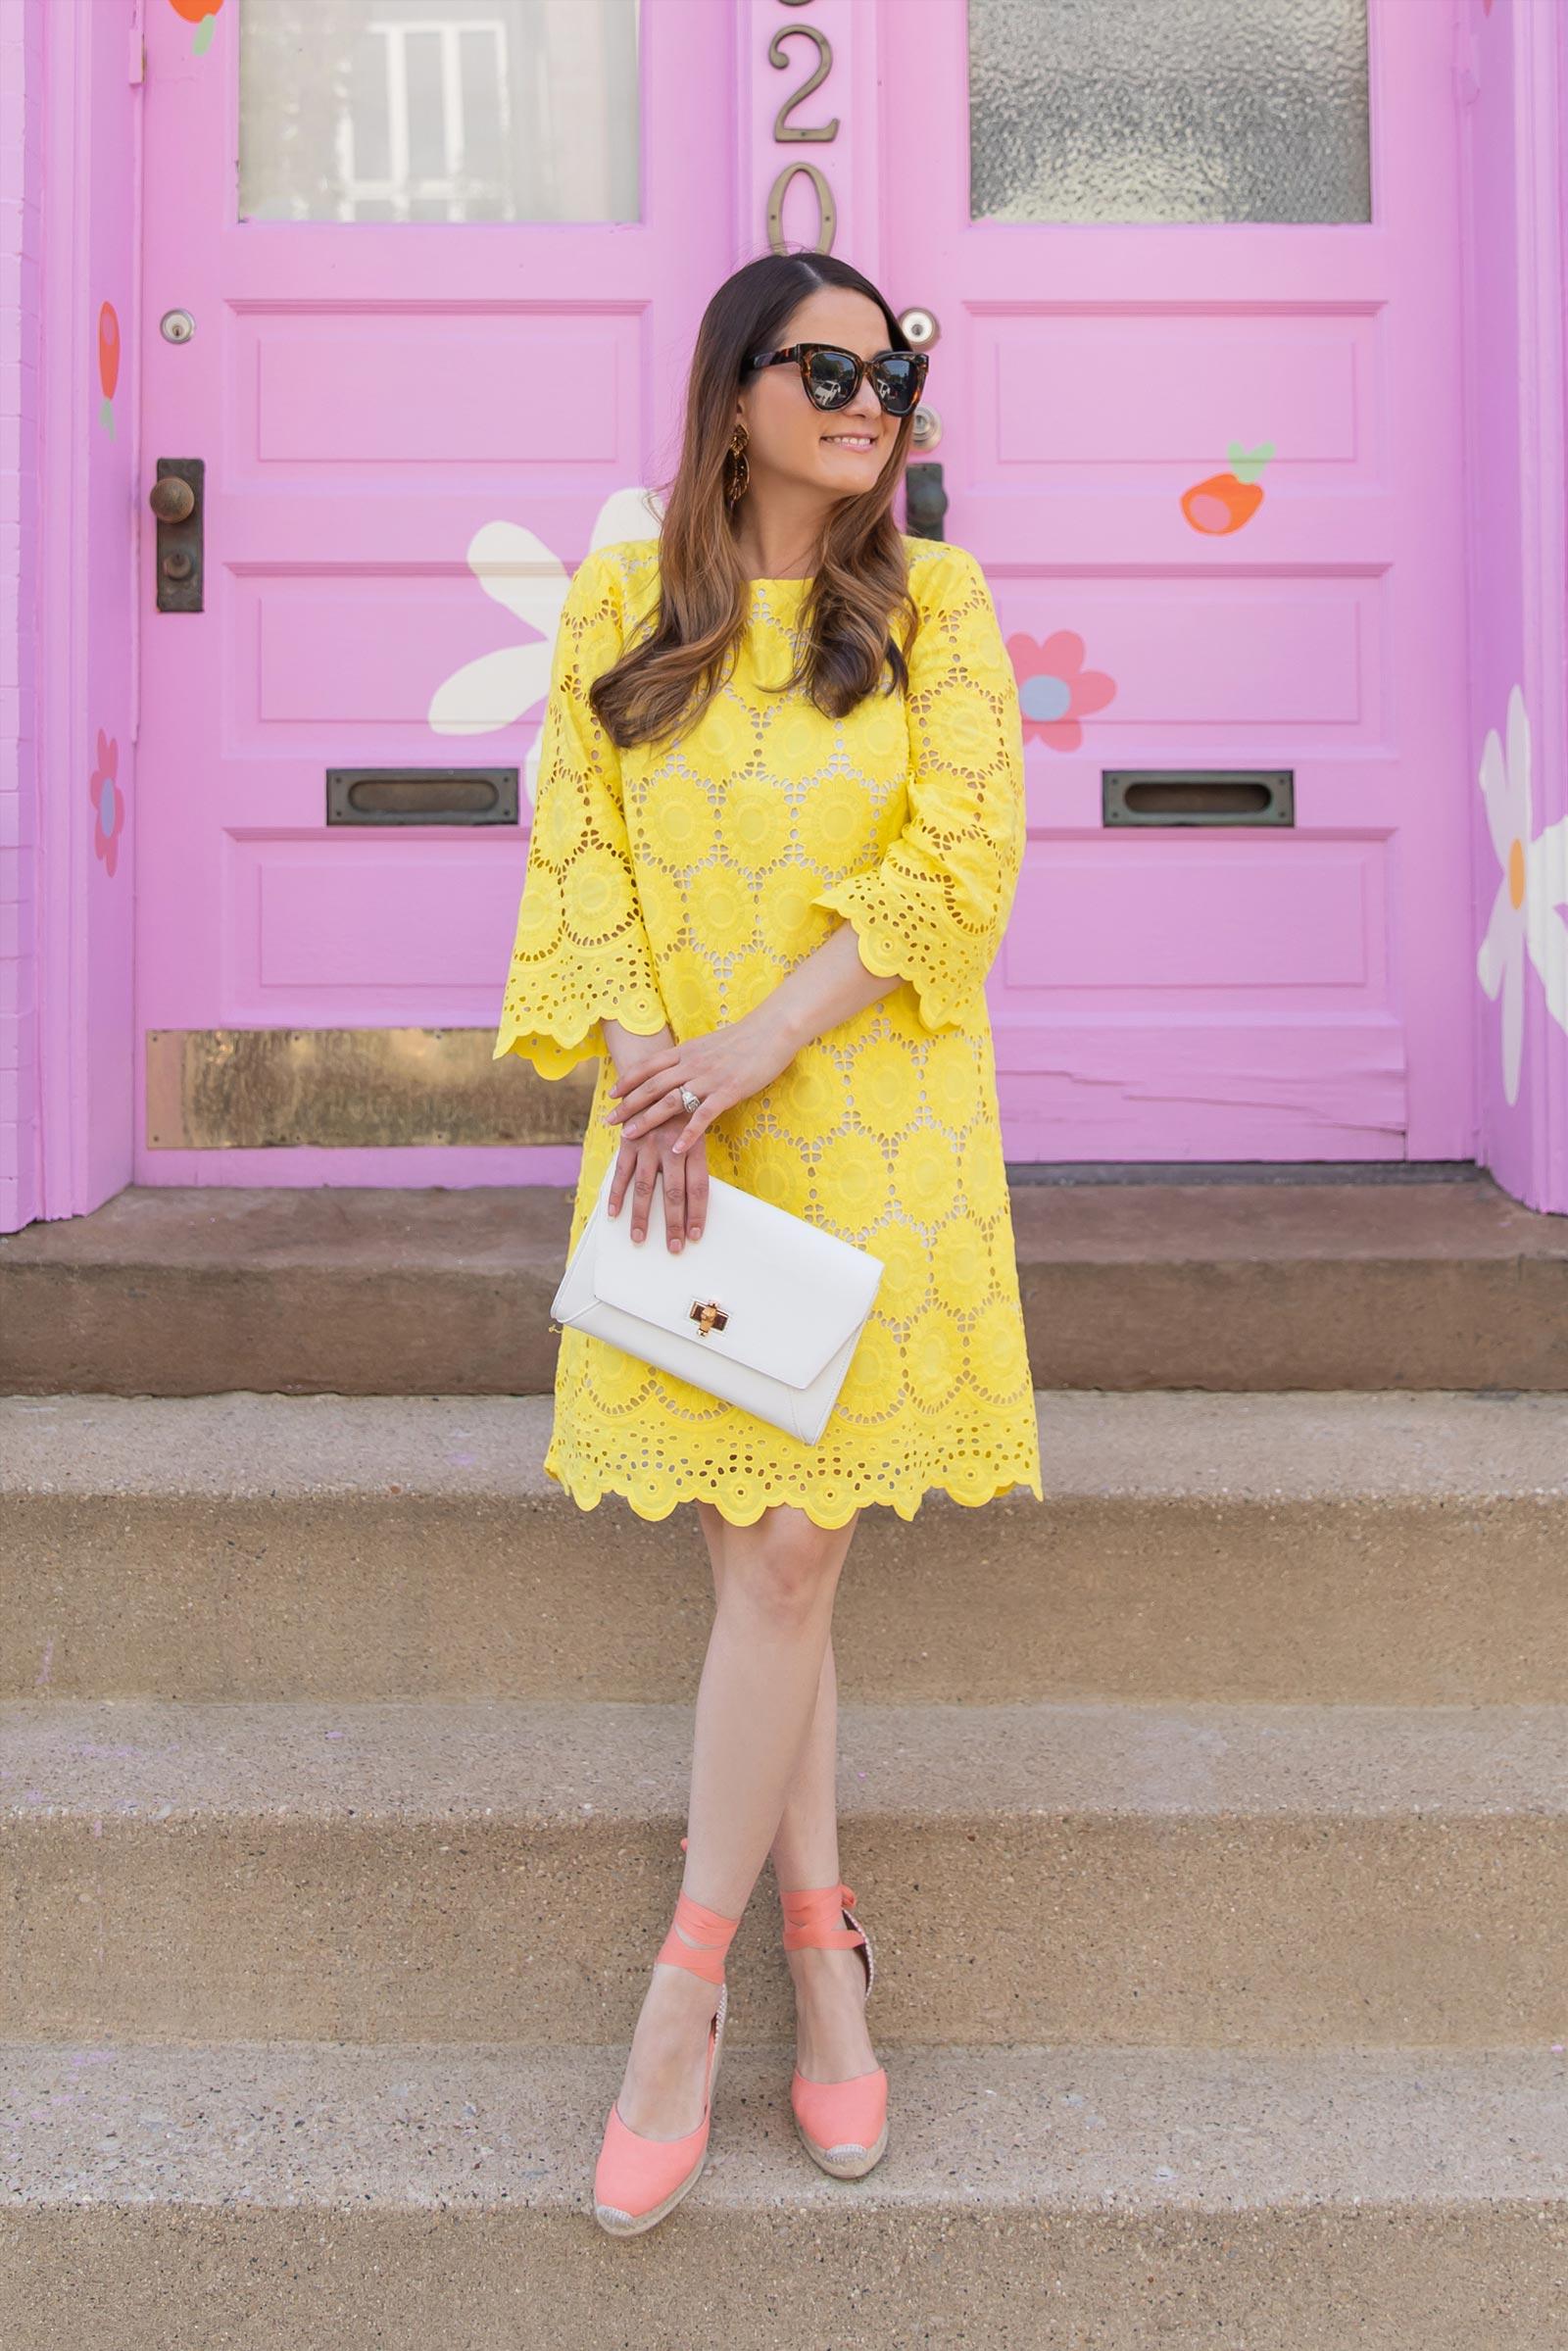 Jennifer Lake Lilly Pulitzer Yellow Scallop Dress